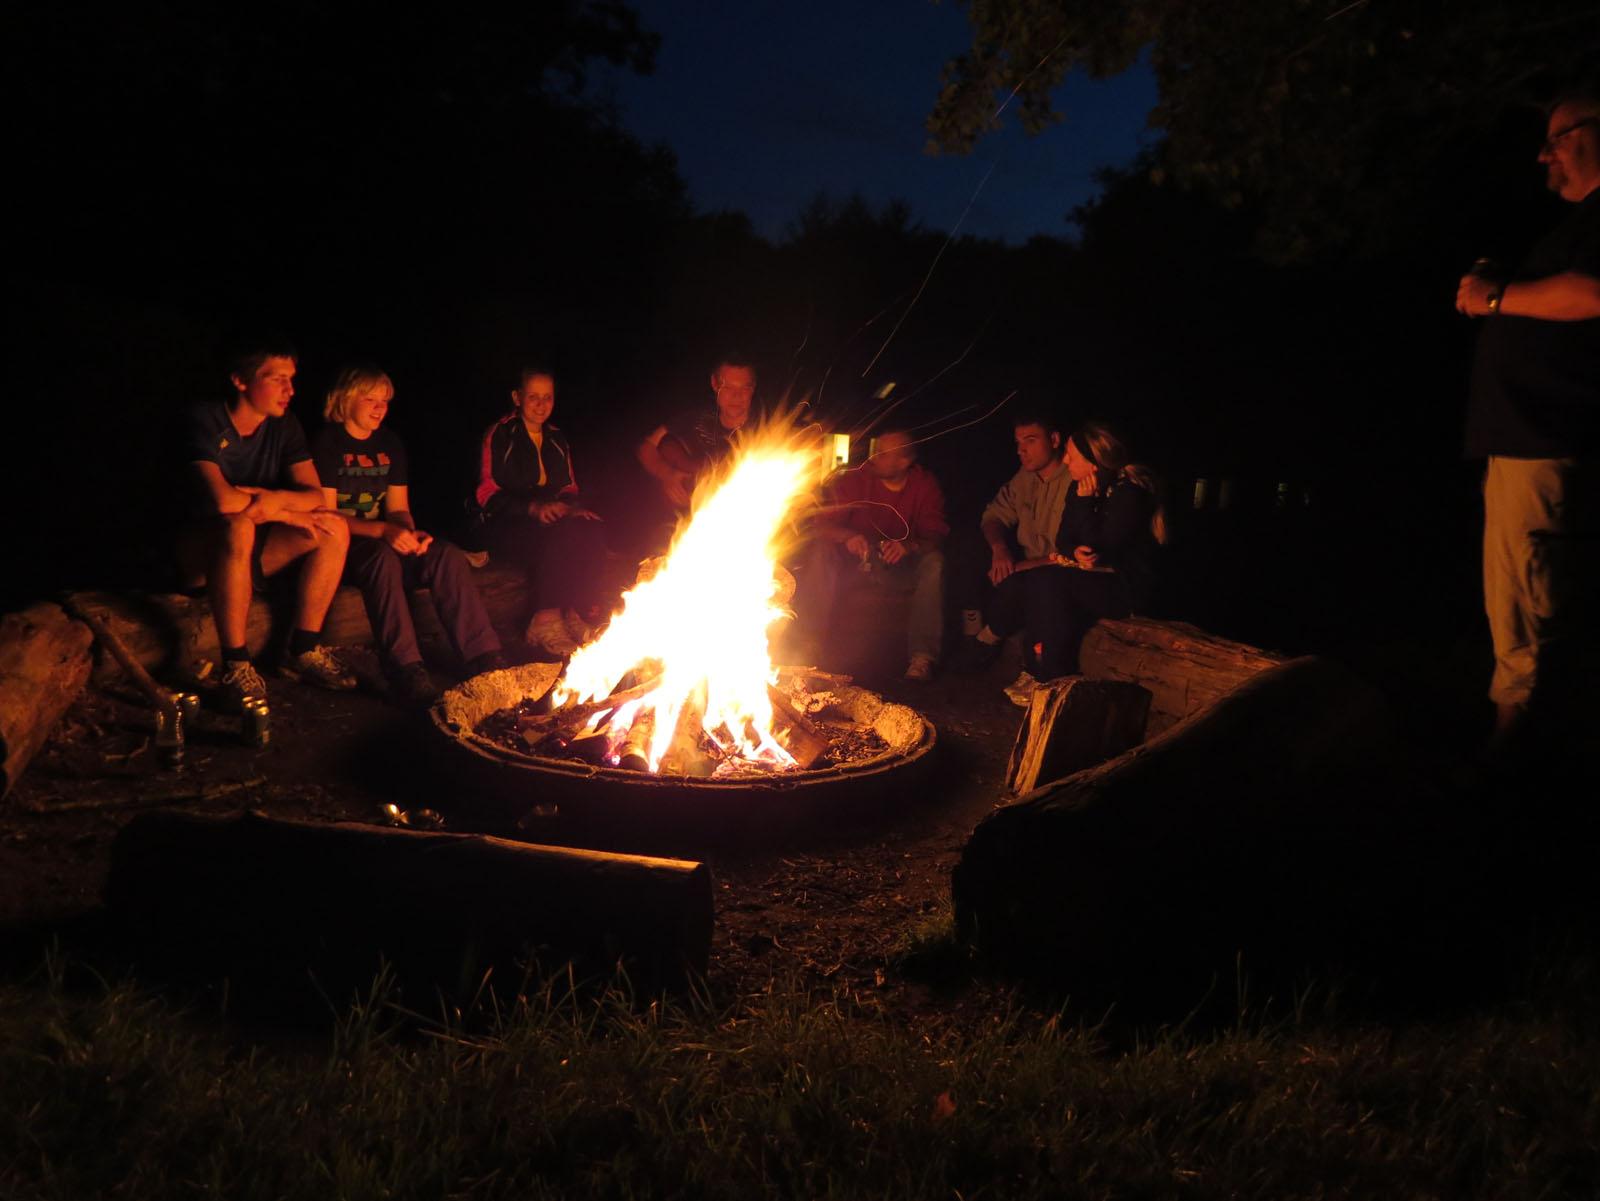 Fredag aften slutter med hygge omkring bålet